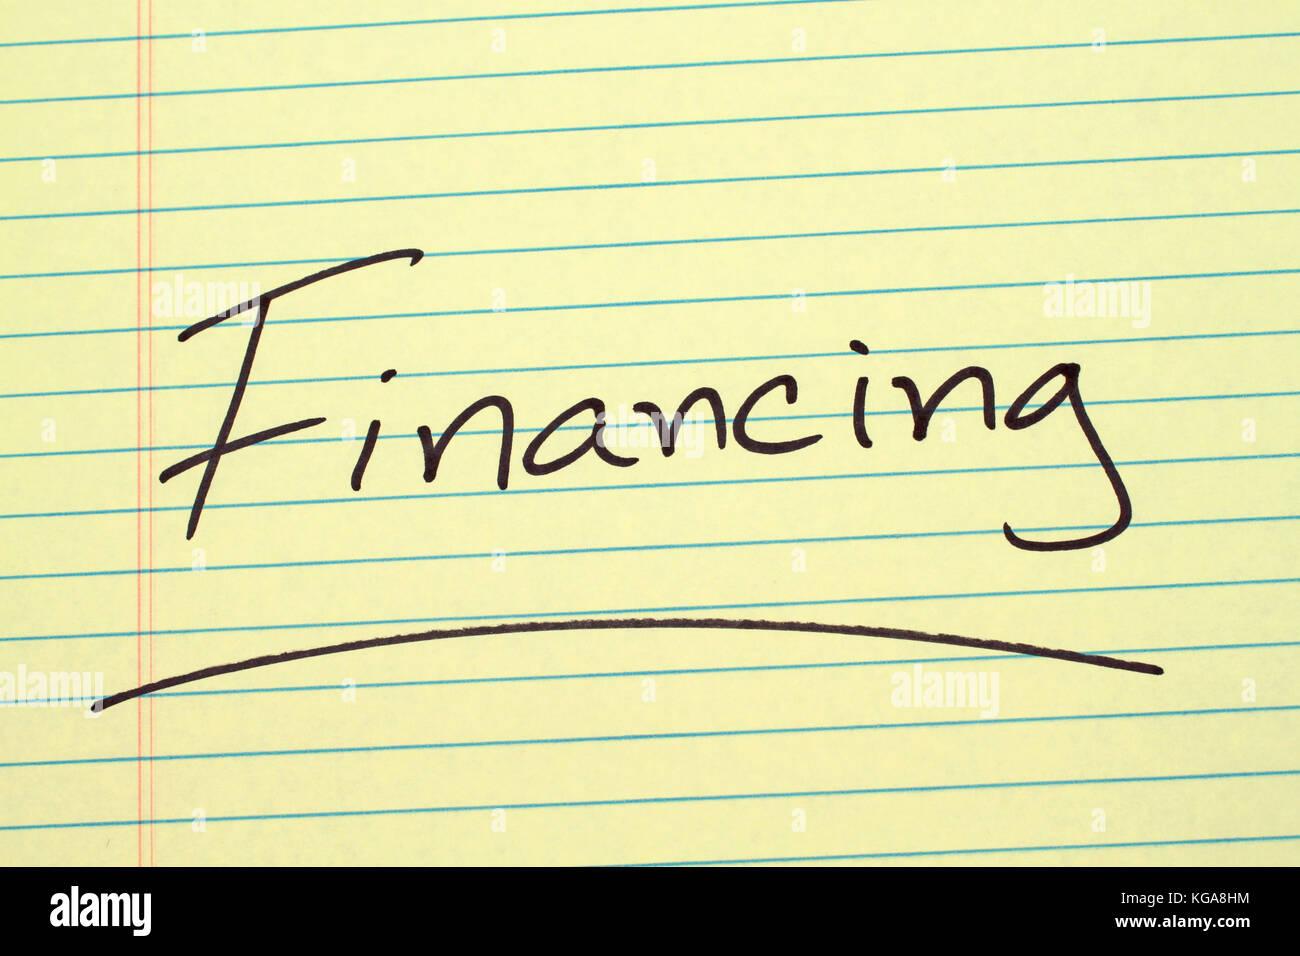 """Das Wort """"Finanzierung"""" auf einem gelben Legal Pad unterstrichen Stockbild"""